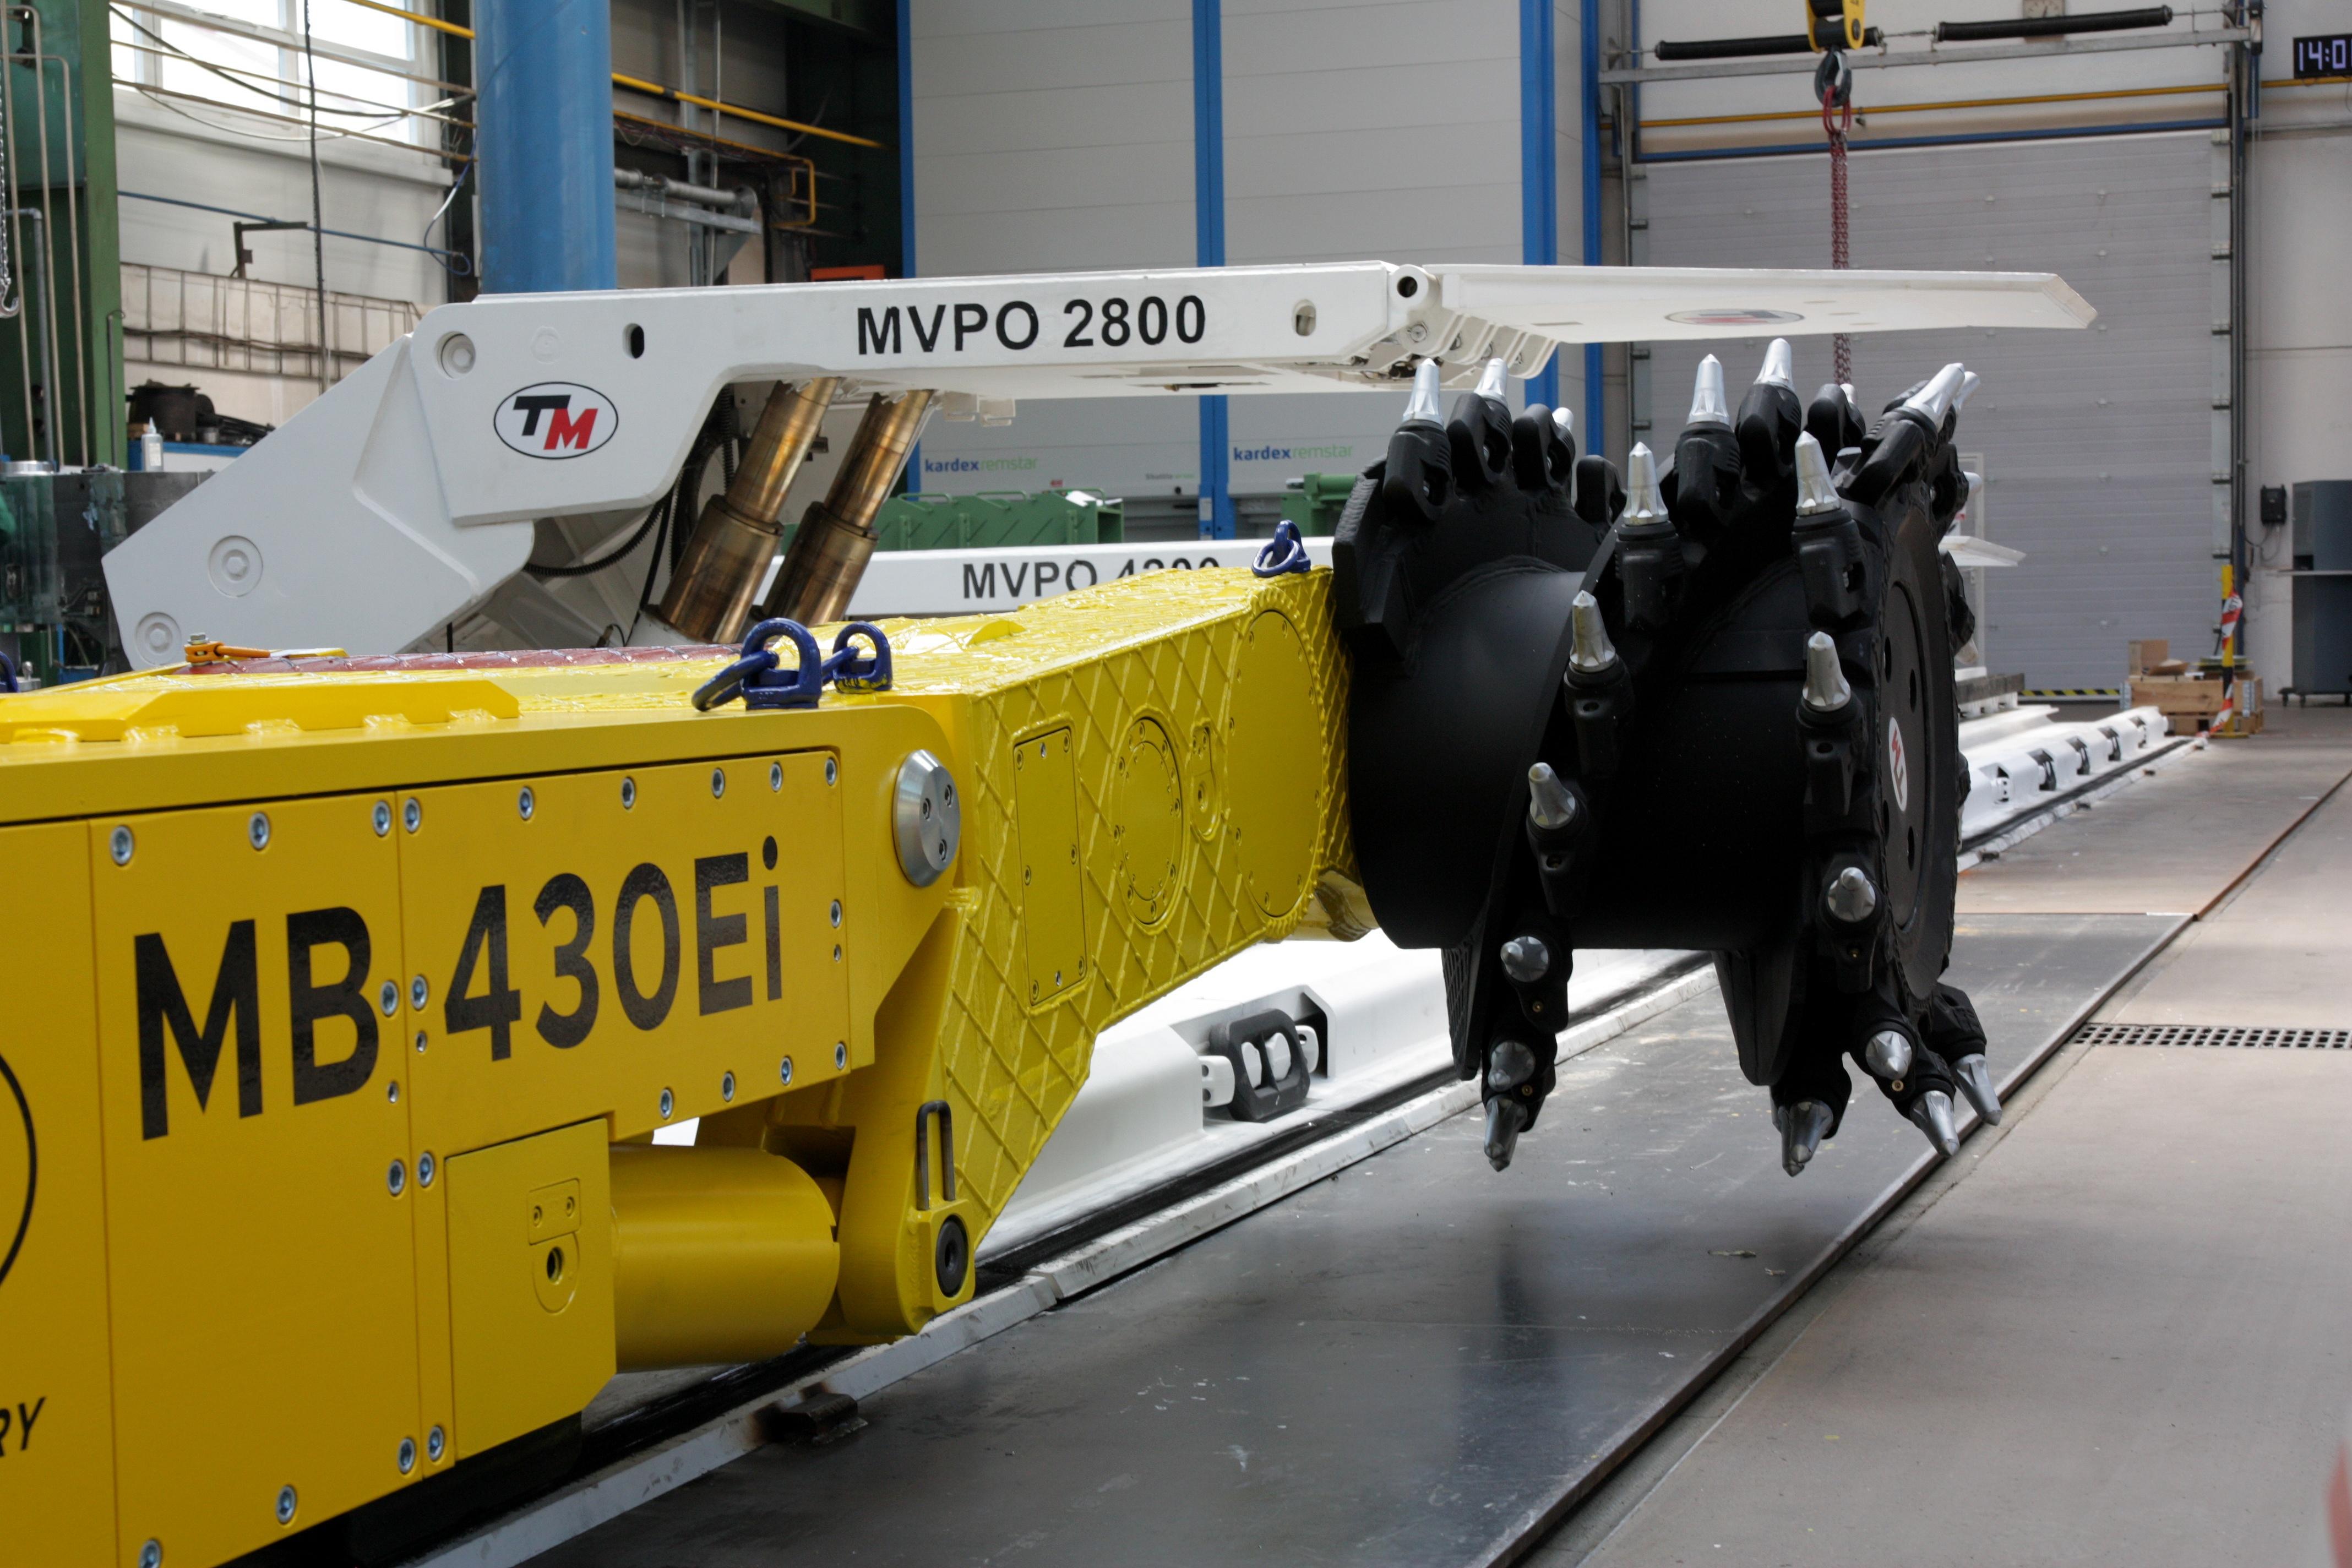 MB 430Ei - generace nových kombajnů